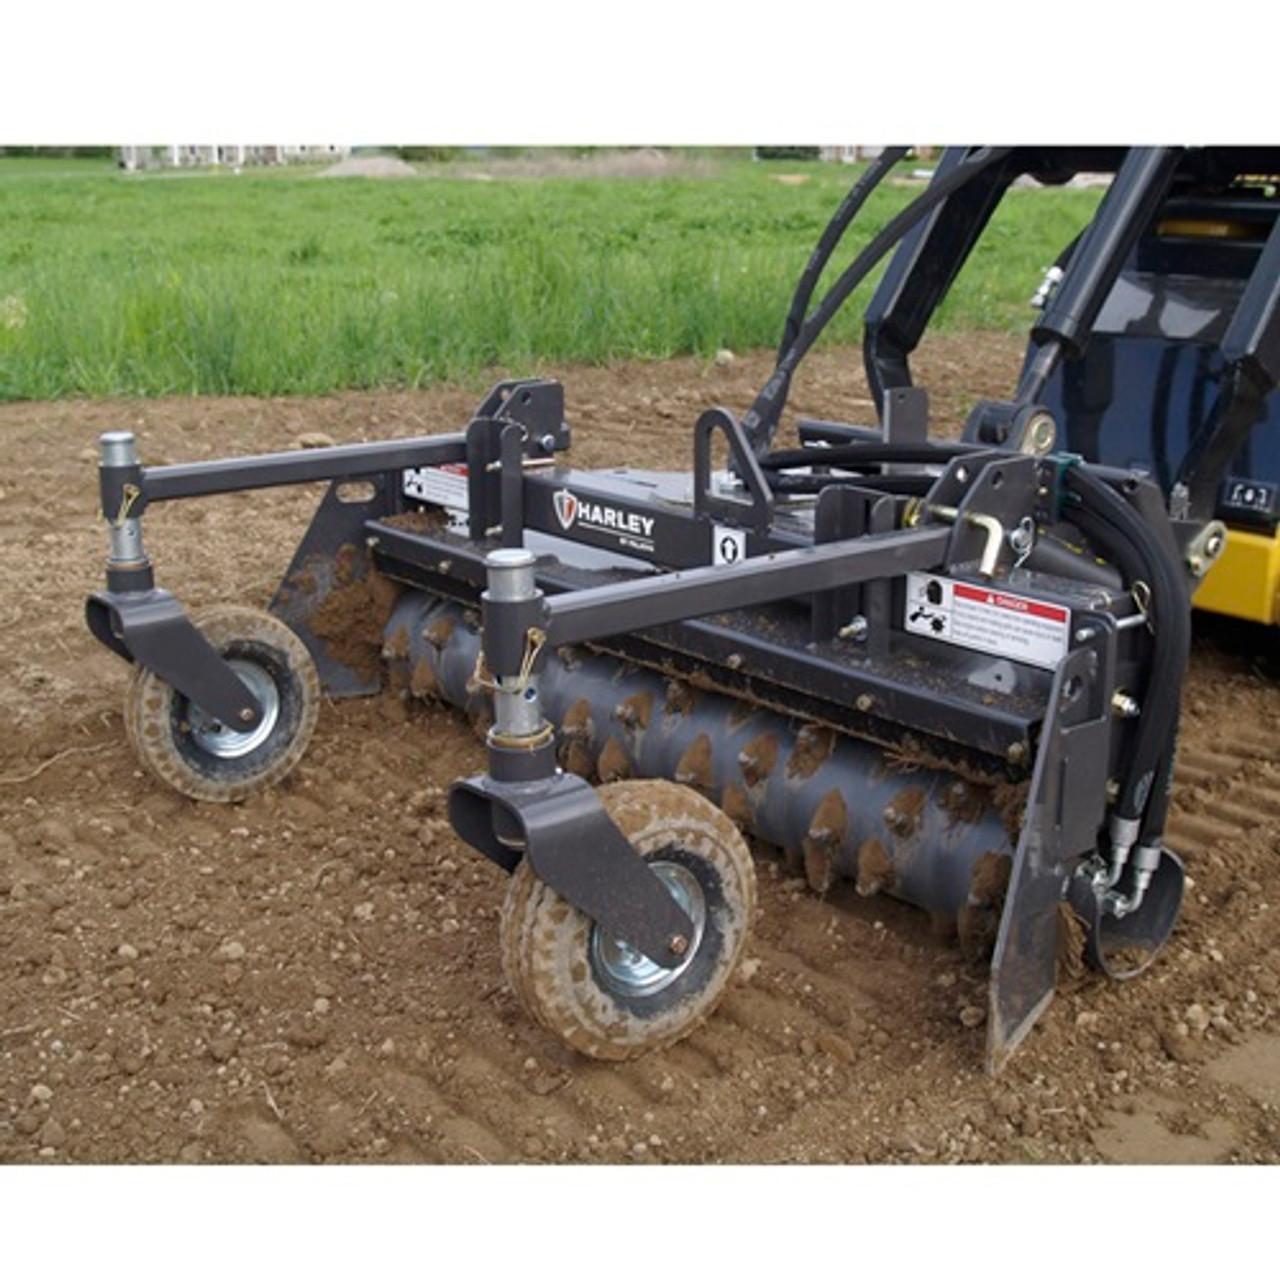 skid loader attachment harley rake landscape rake 6 holmes